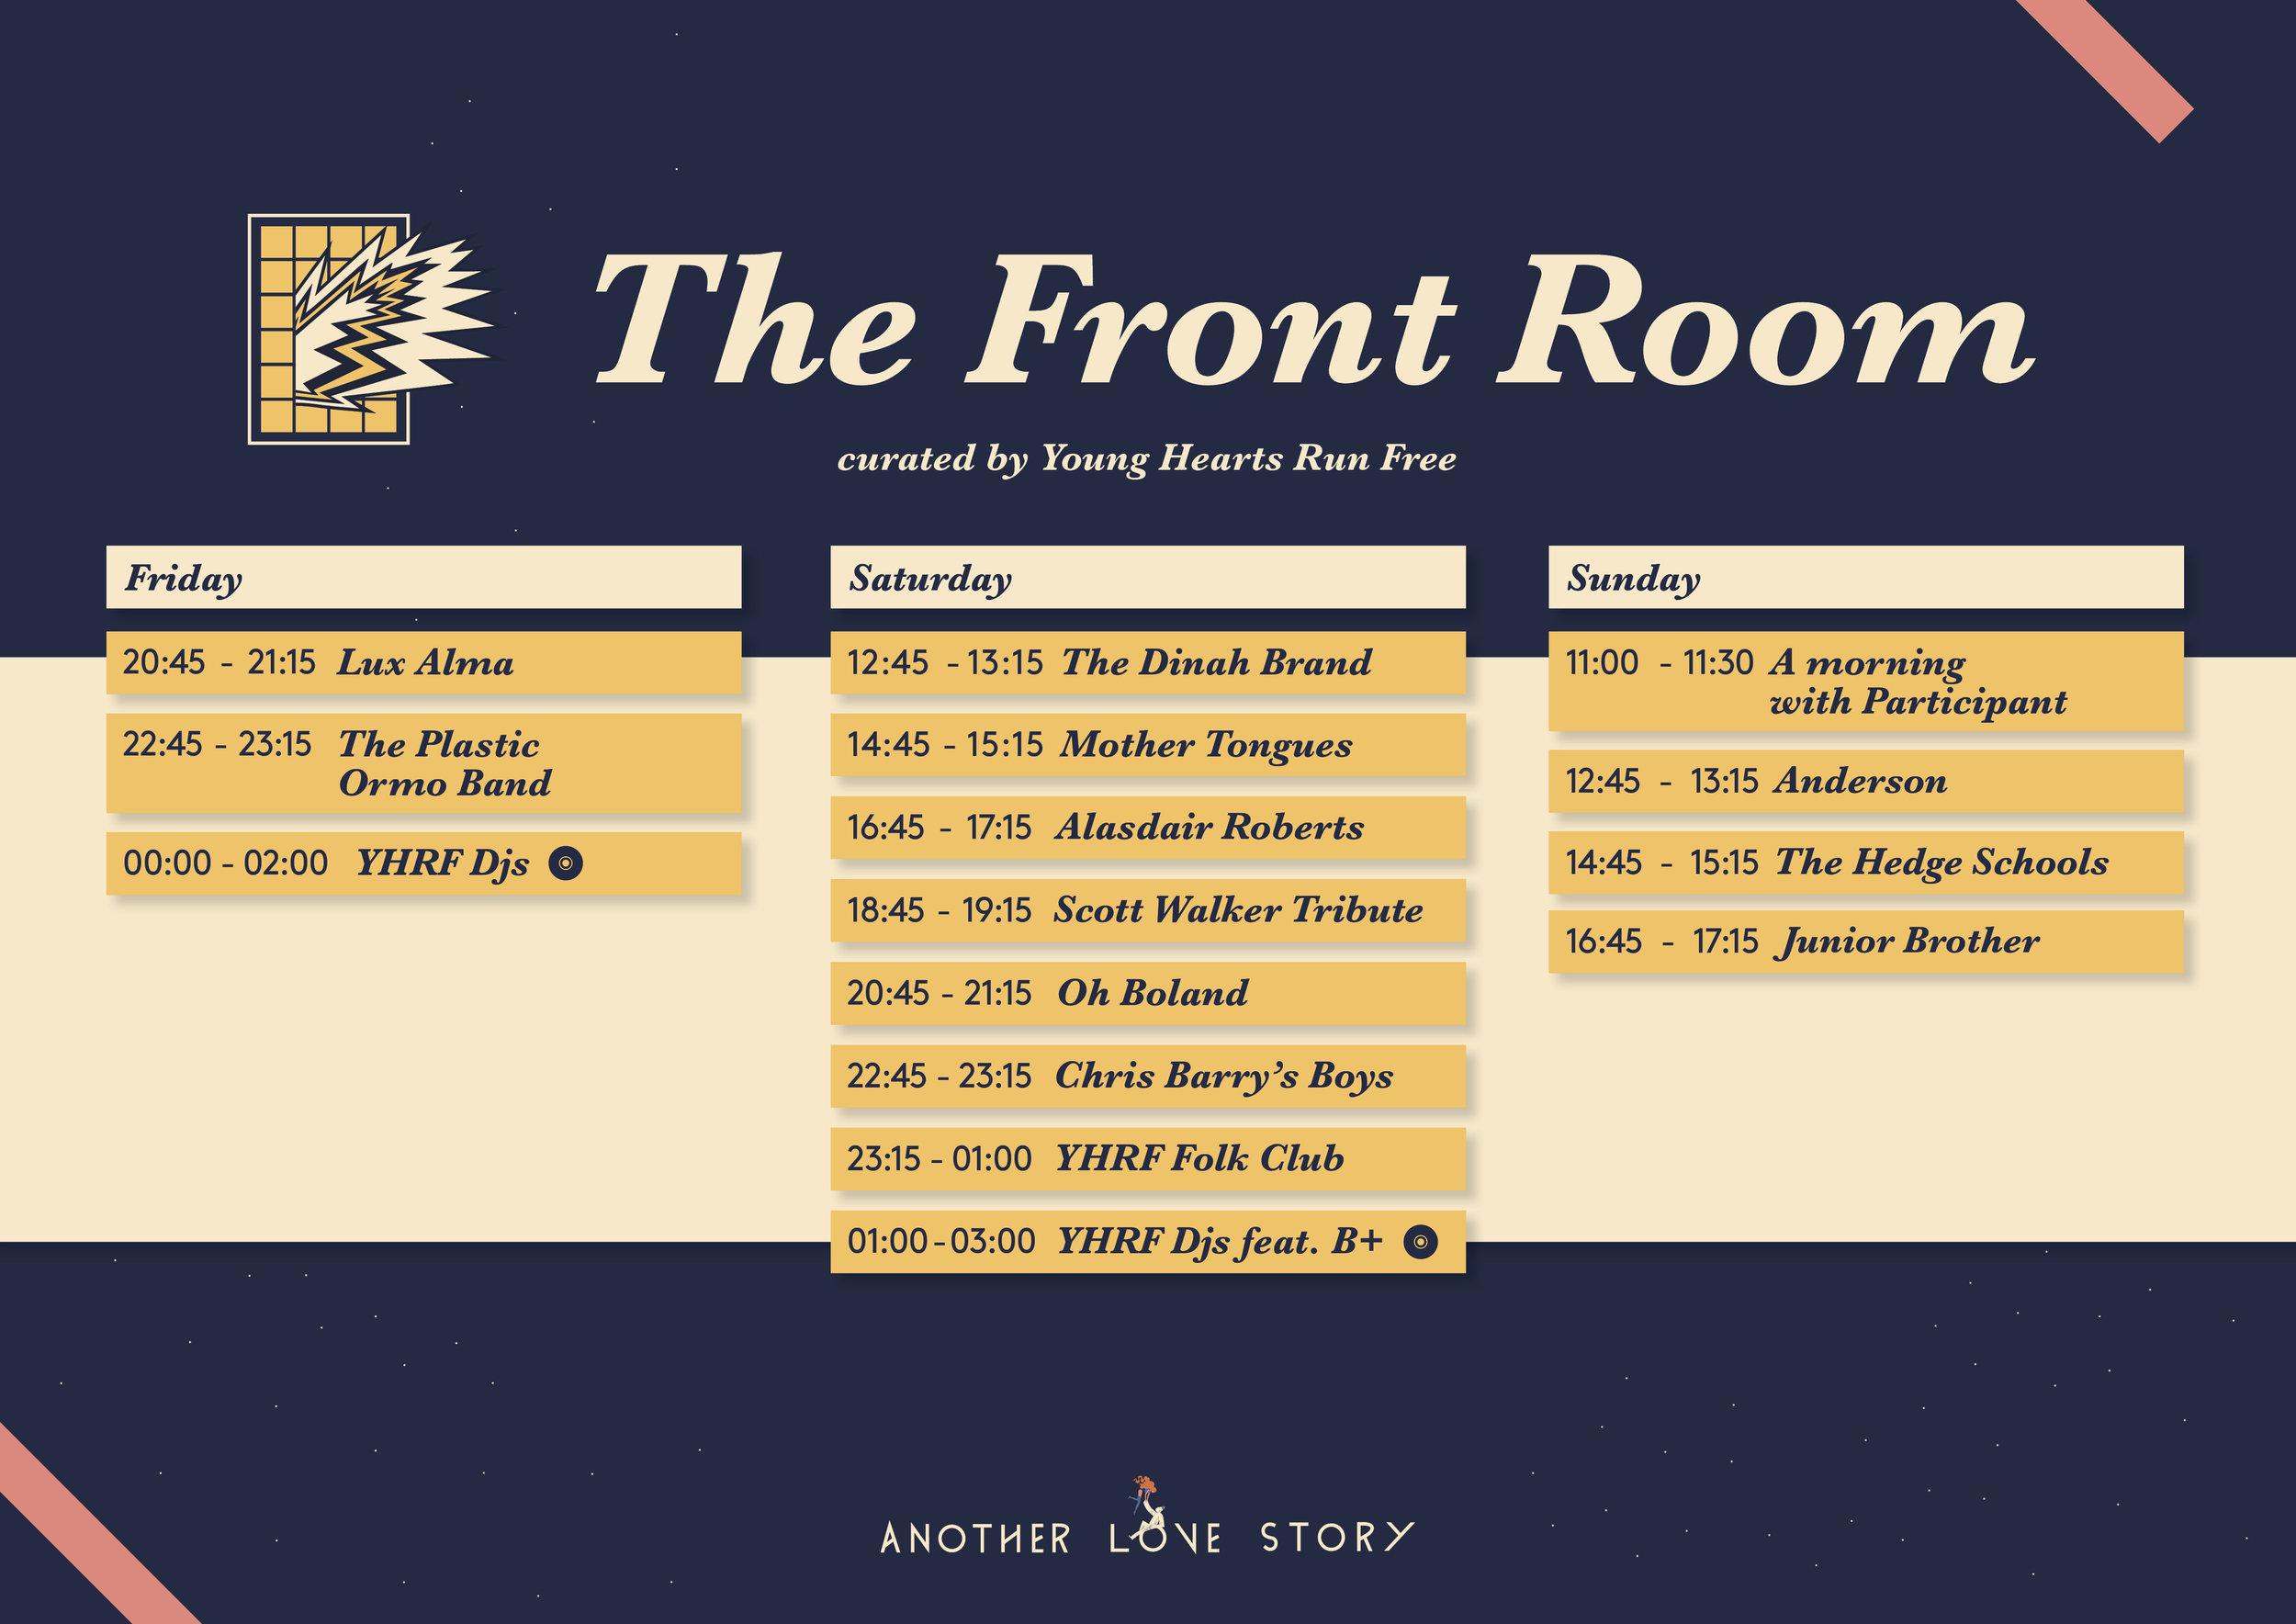 schedules_front room.jpg